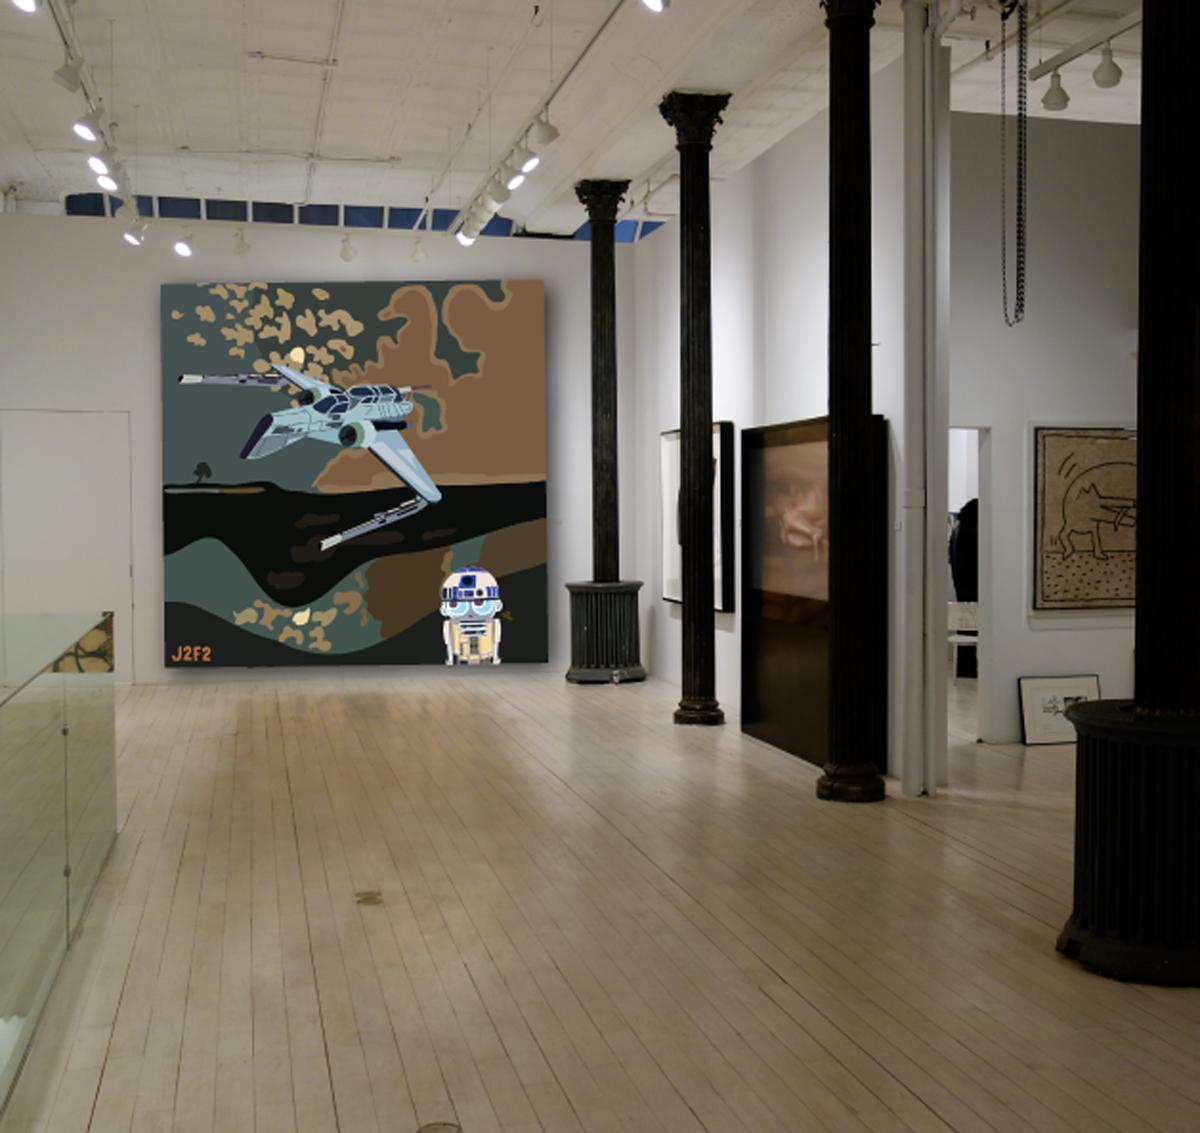 Existe en impression numérique sur Plexiglas - 2,00m x 2,00m - Tirage unique. ou Digigraphie unique /toile - 1,30m x 1,30m